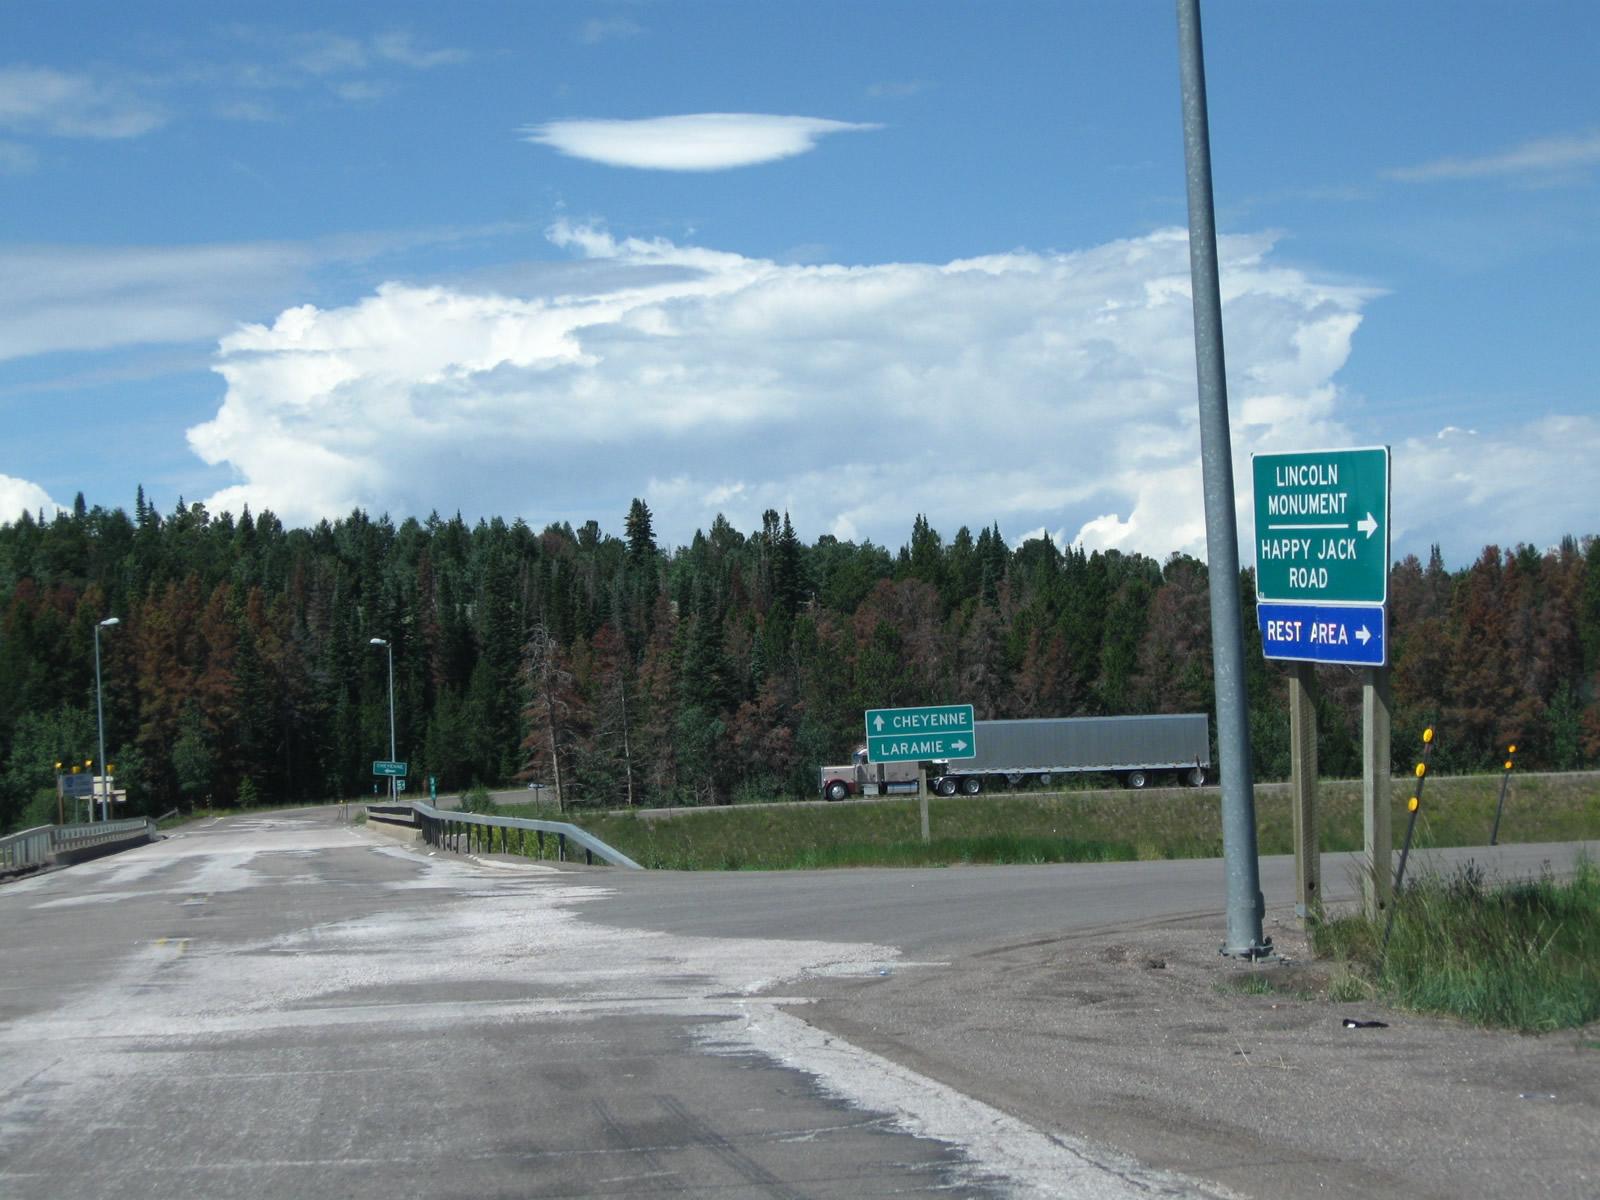 Wyoming @ AARoads - Wyoming 210 (Happy Jack Road)